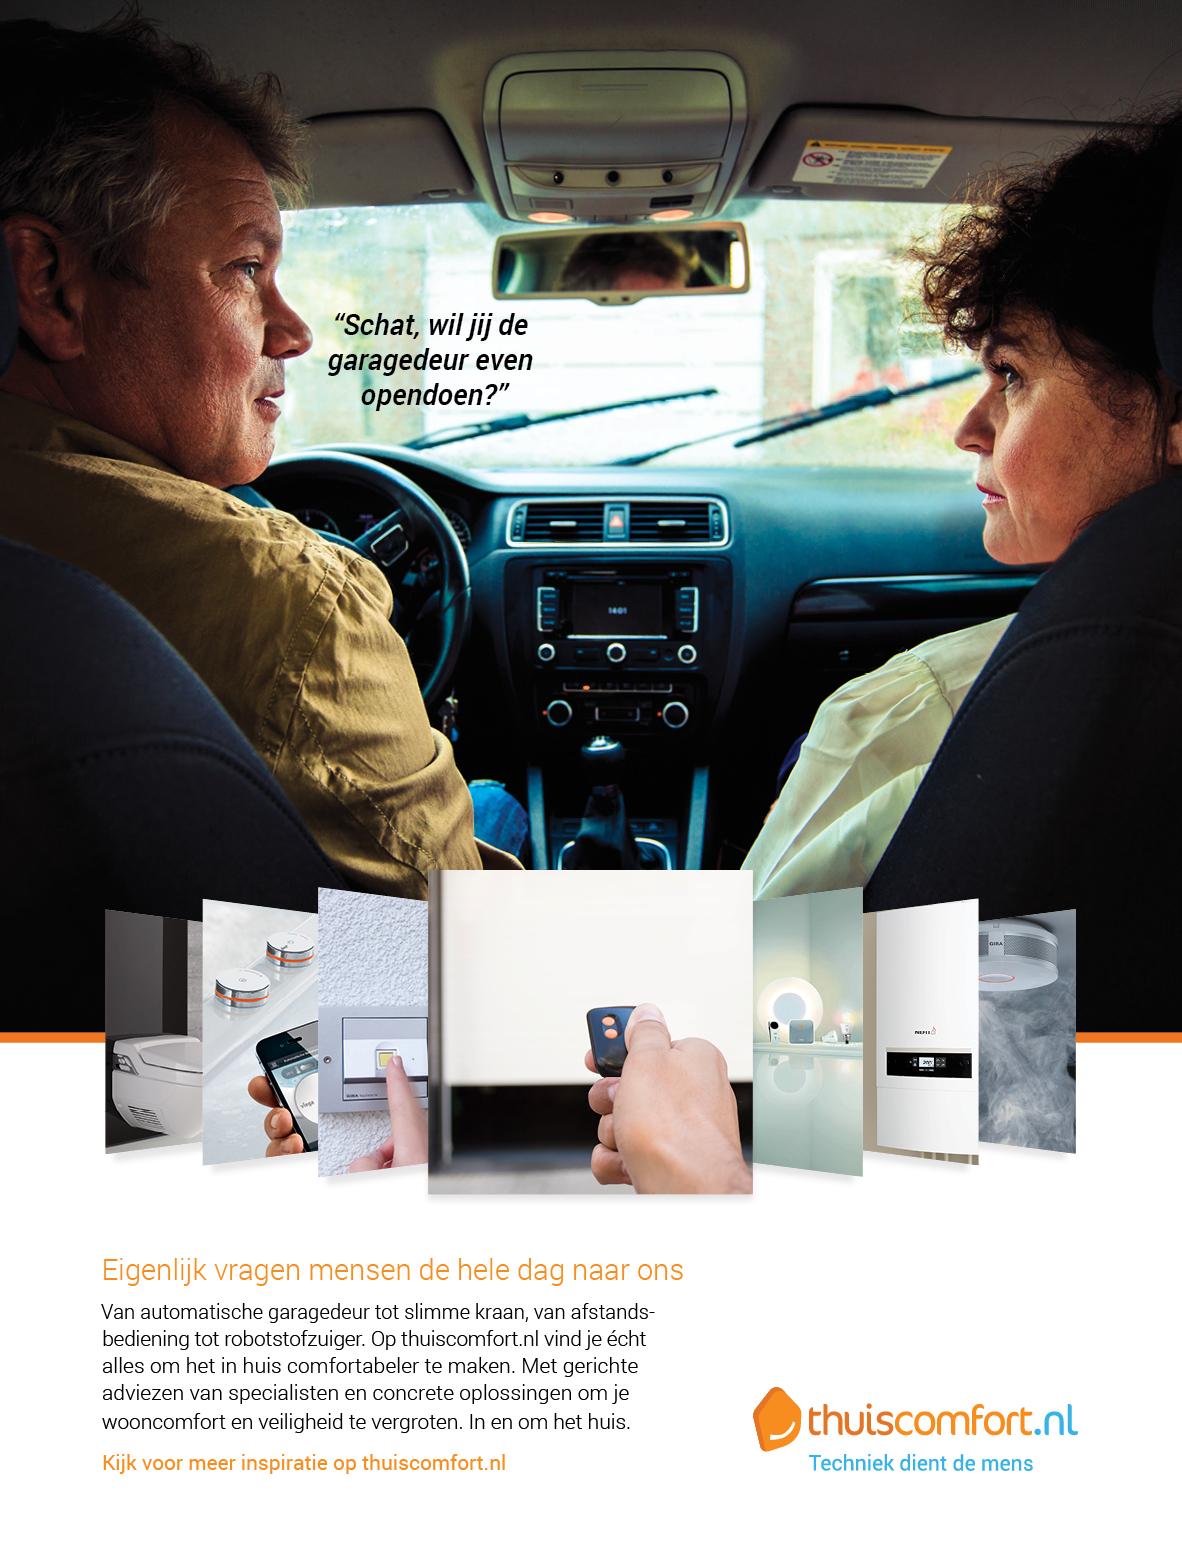 ba886136857 Fonk - Bureaus: Branding A Better World zet in op thuiscomfort.nl